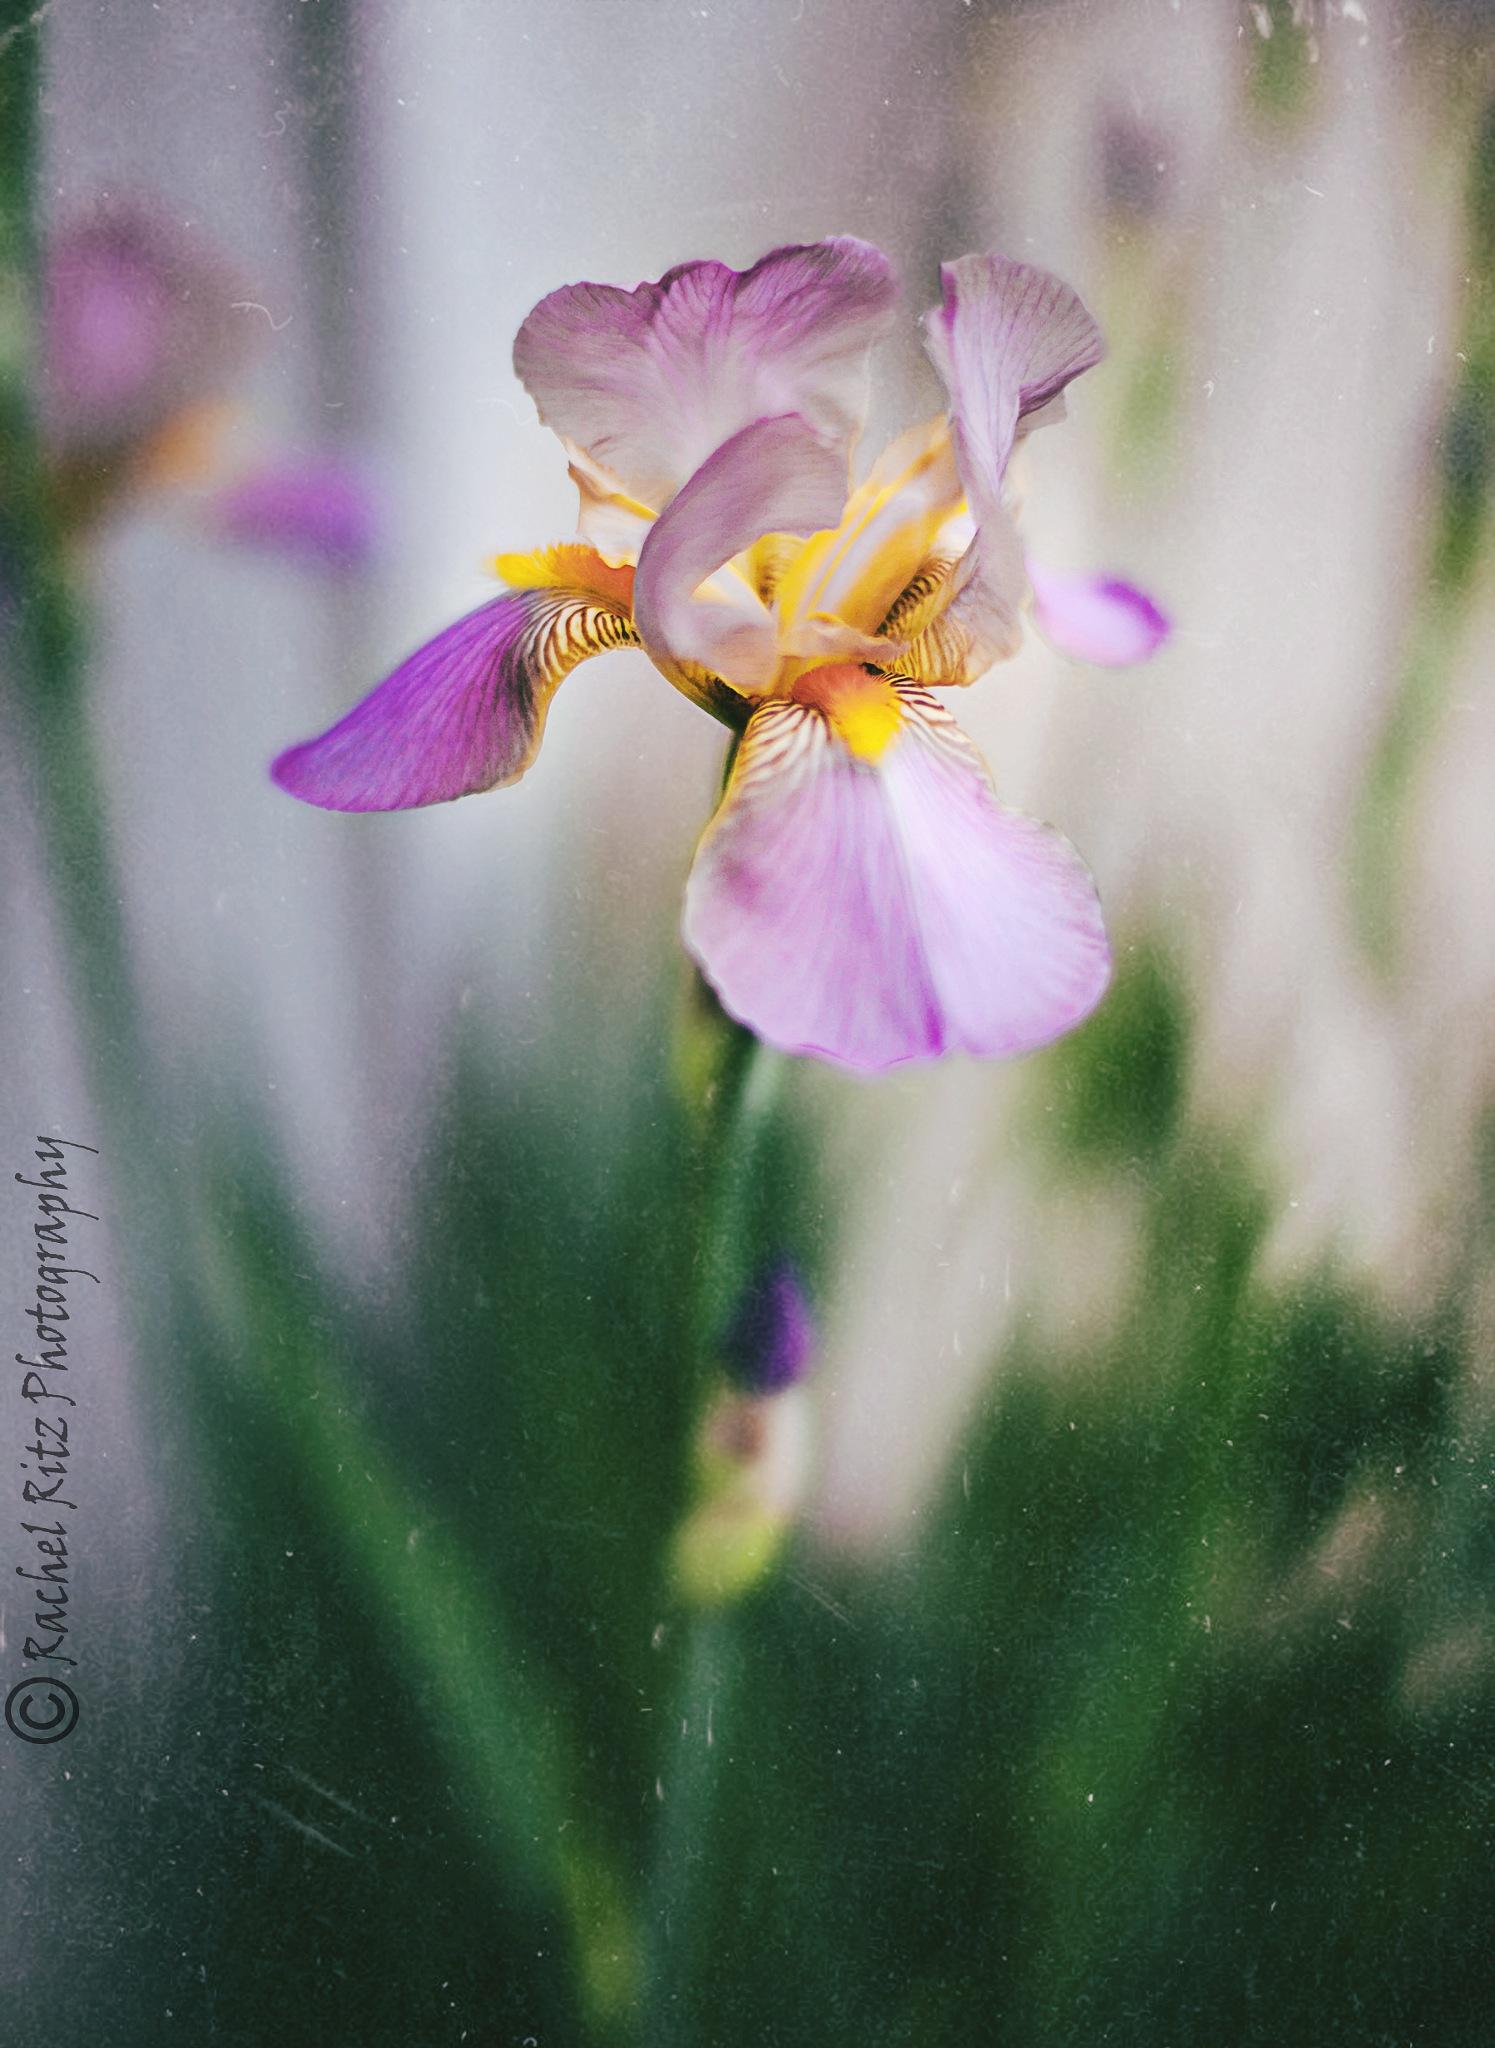 purple and yellow iris by Rachel